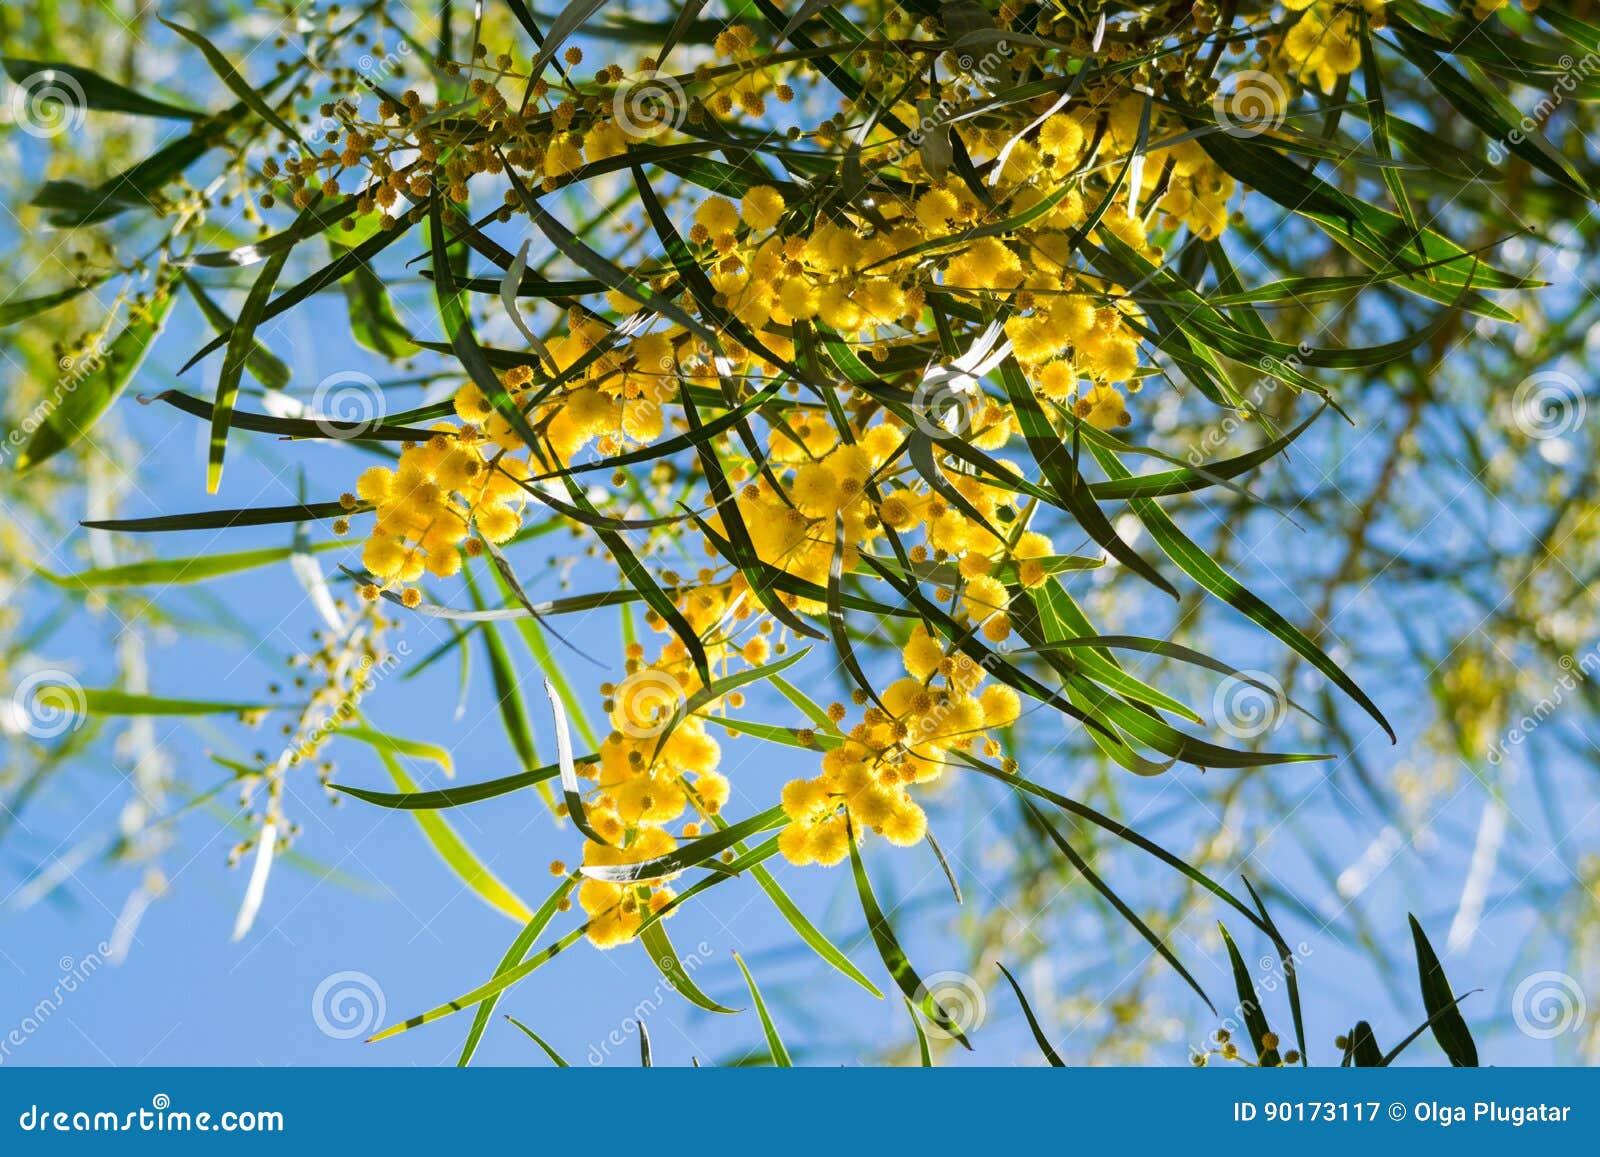 Sbocciando del pycnantha dell 39 acacia dell 39 albero della for Acacia albero